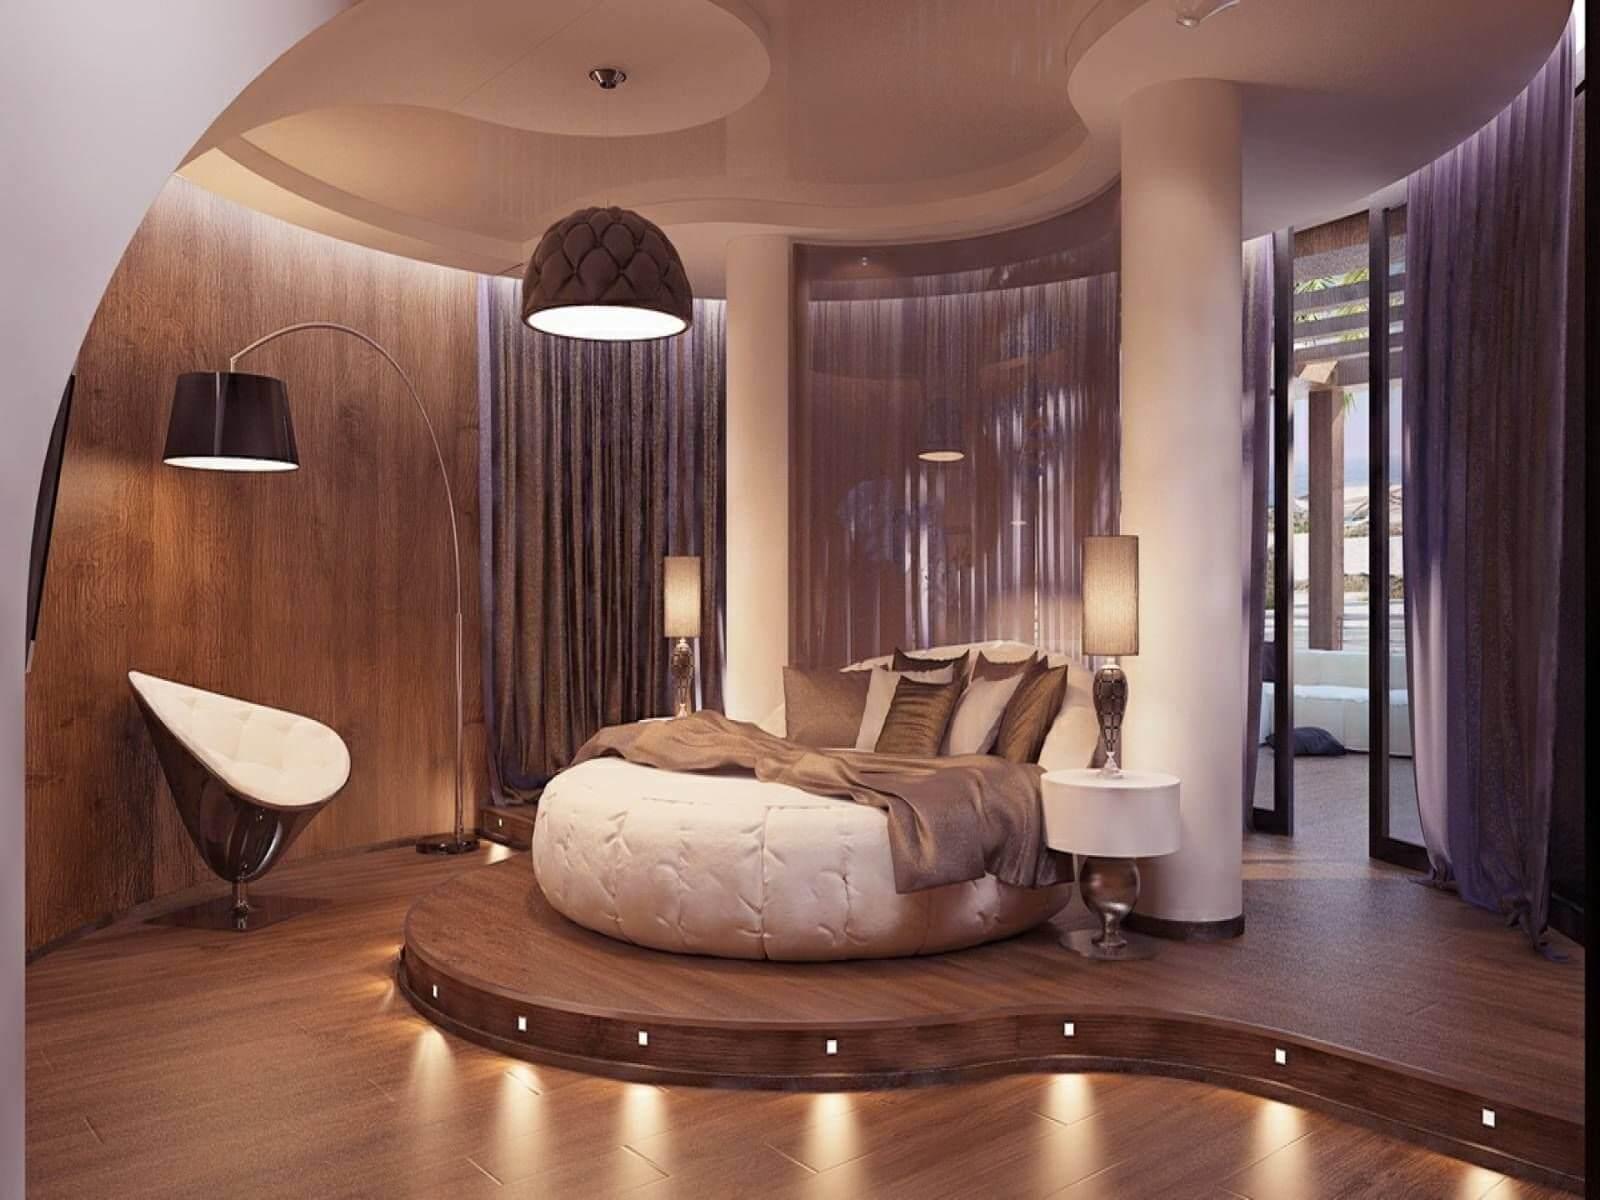 выбрать картинки с прекрасными комнатами слегка